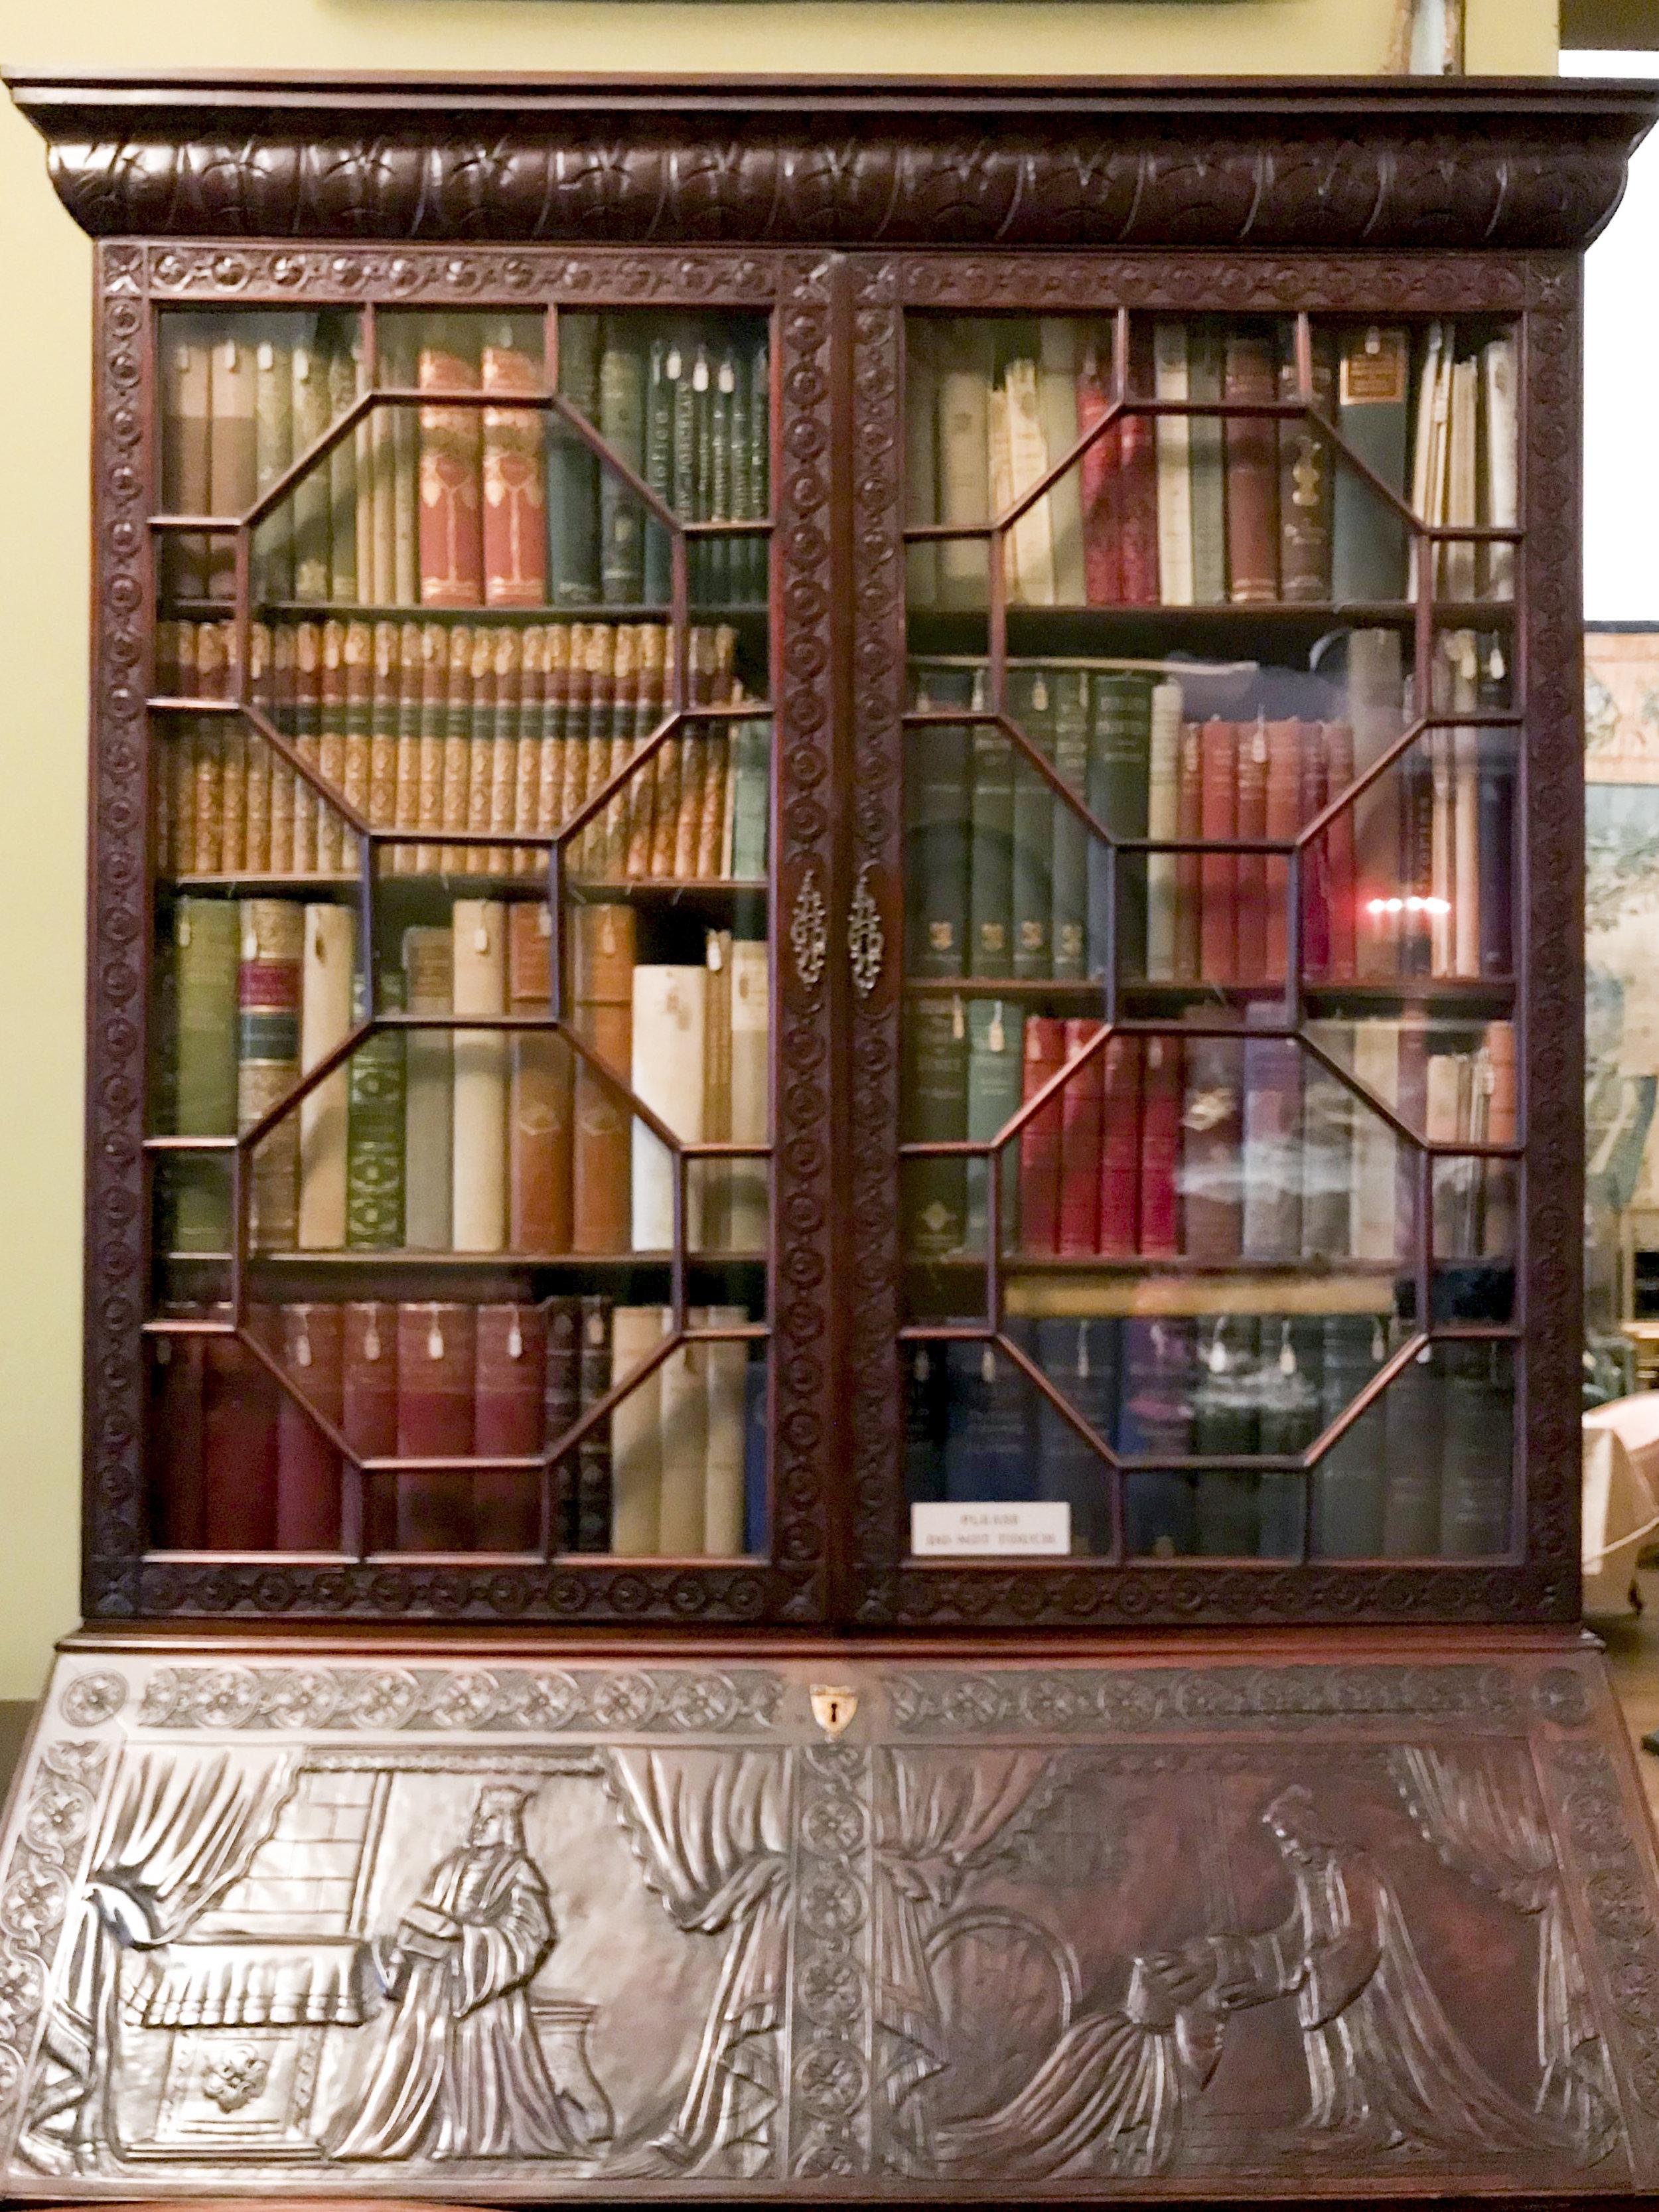 Isabella Stewart Gardner's art criticism collection.